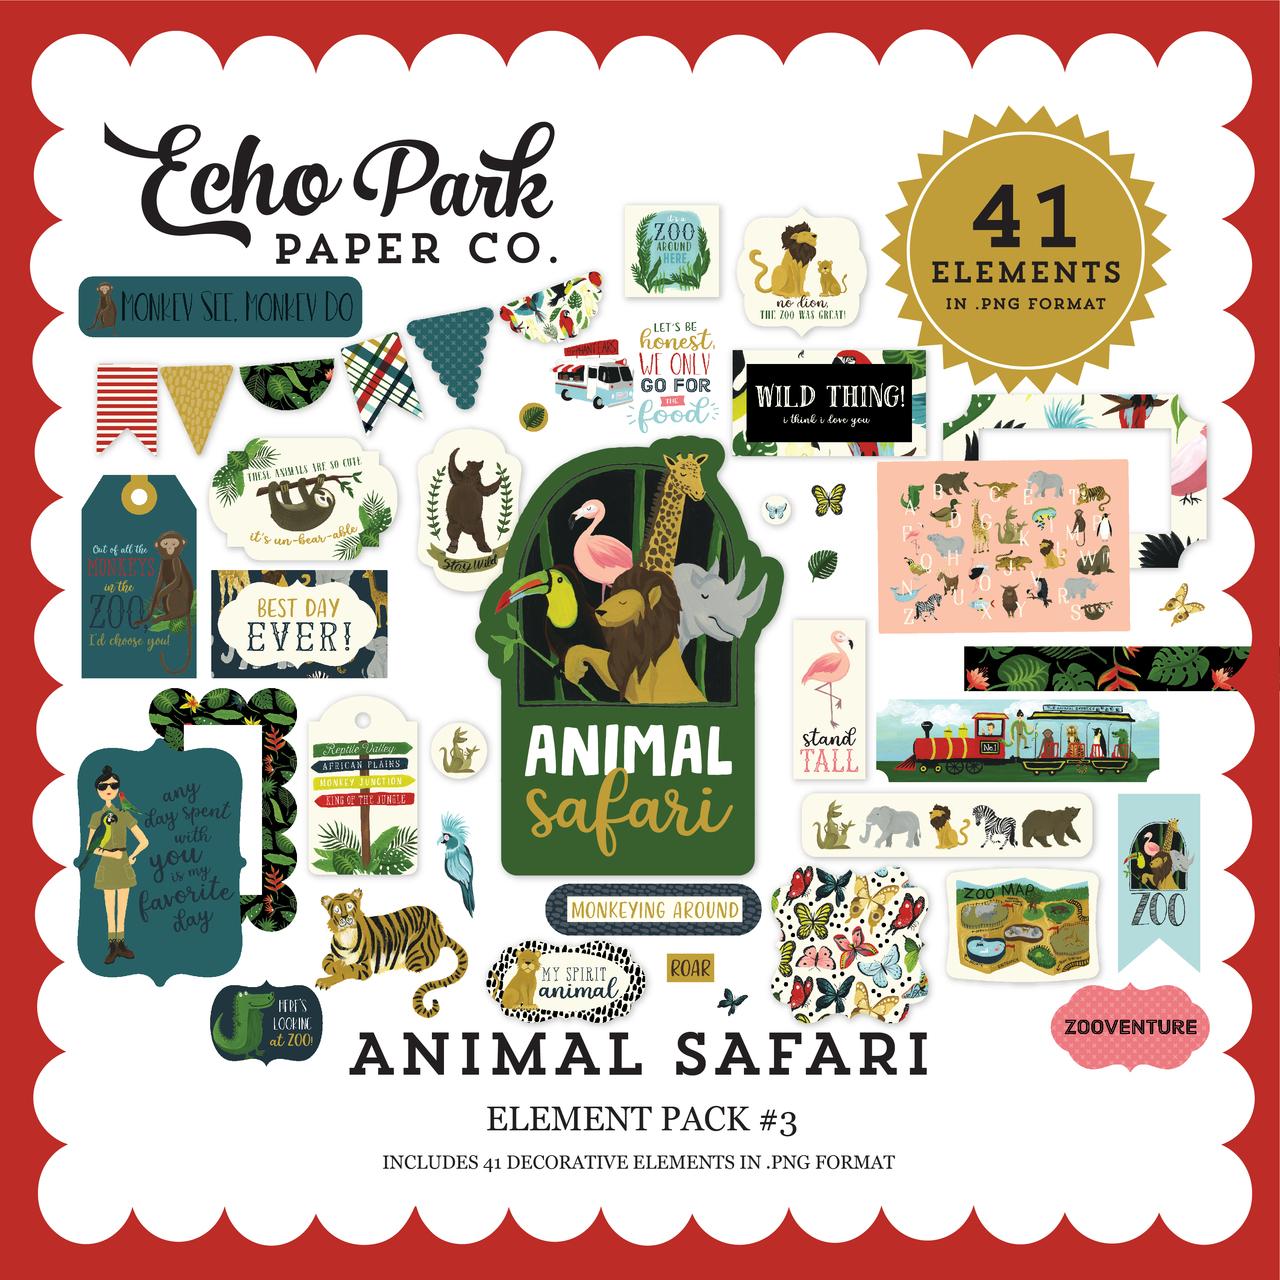 Animal Safari Element Pack #3